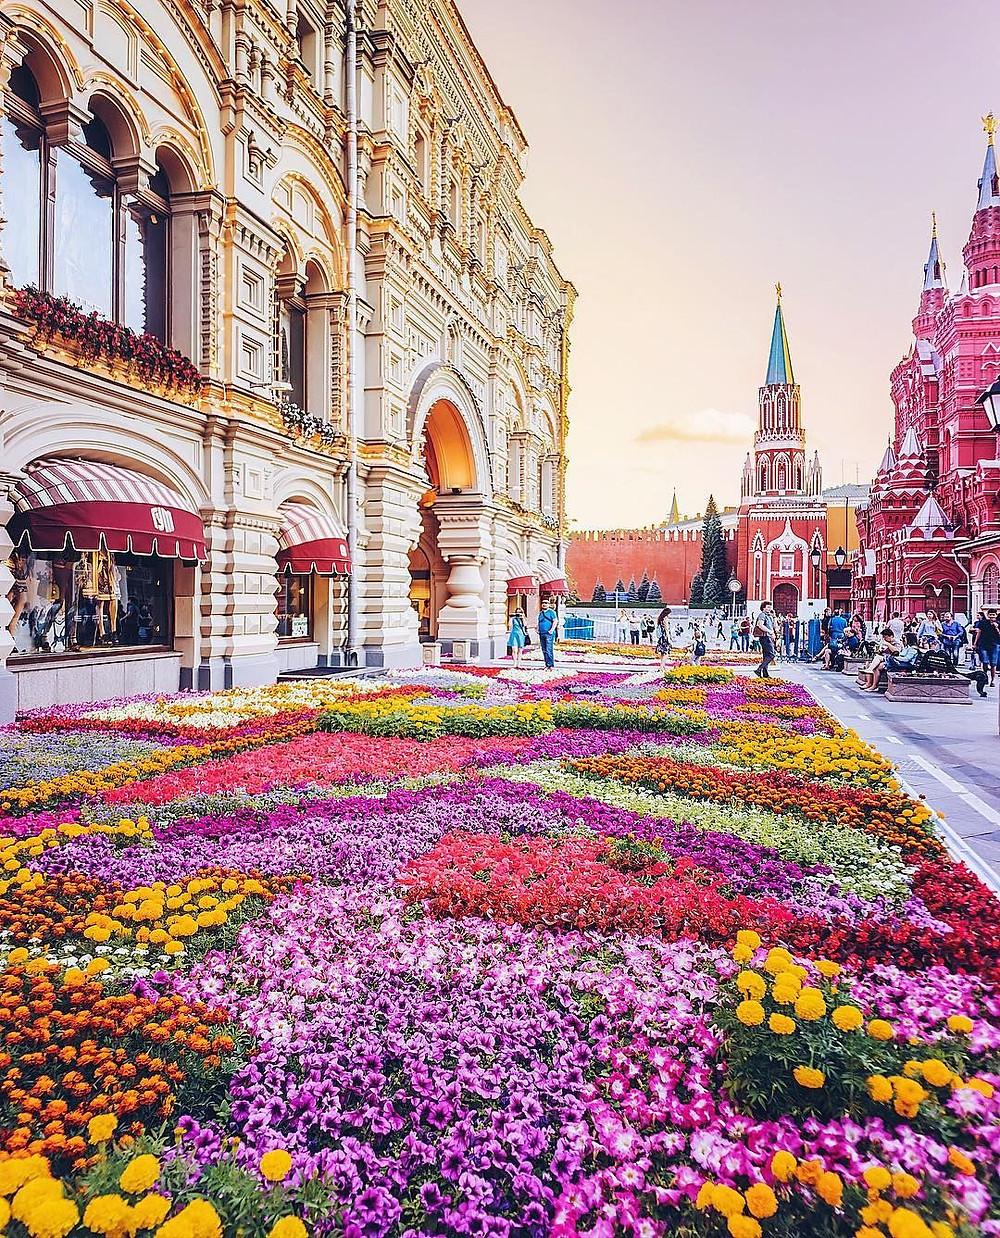 تتميز مدينة موسكو بكثرة الورود الطبيعية في الشوارع والحدائق